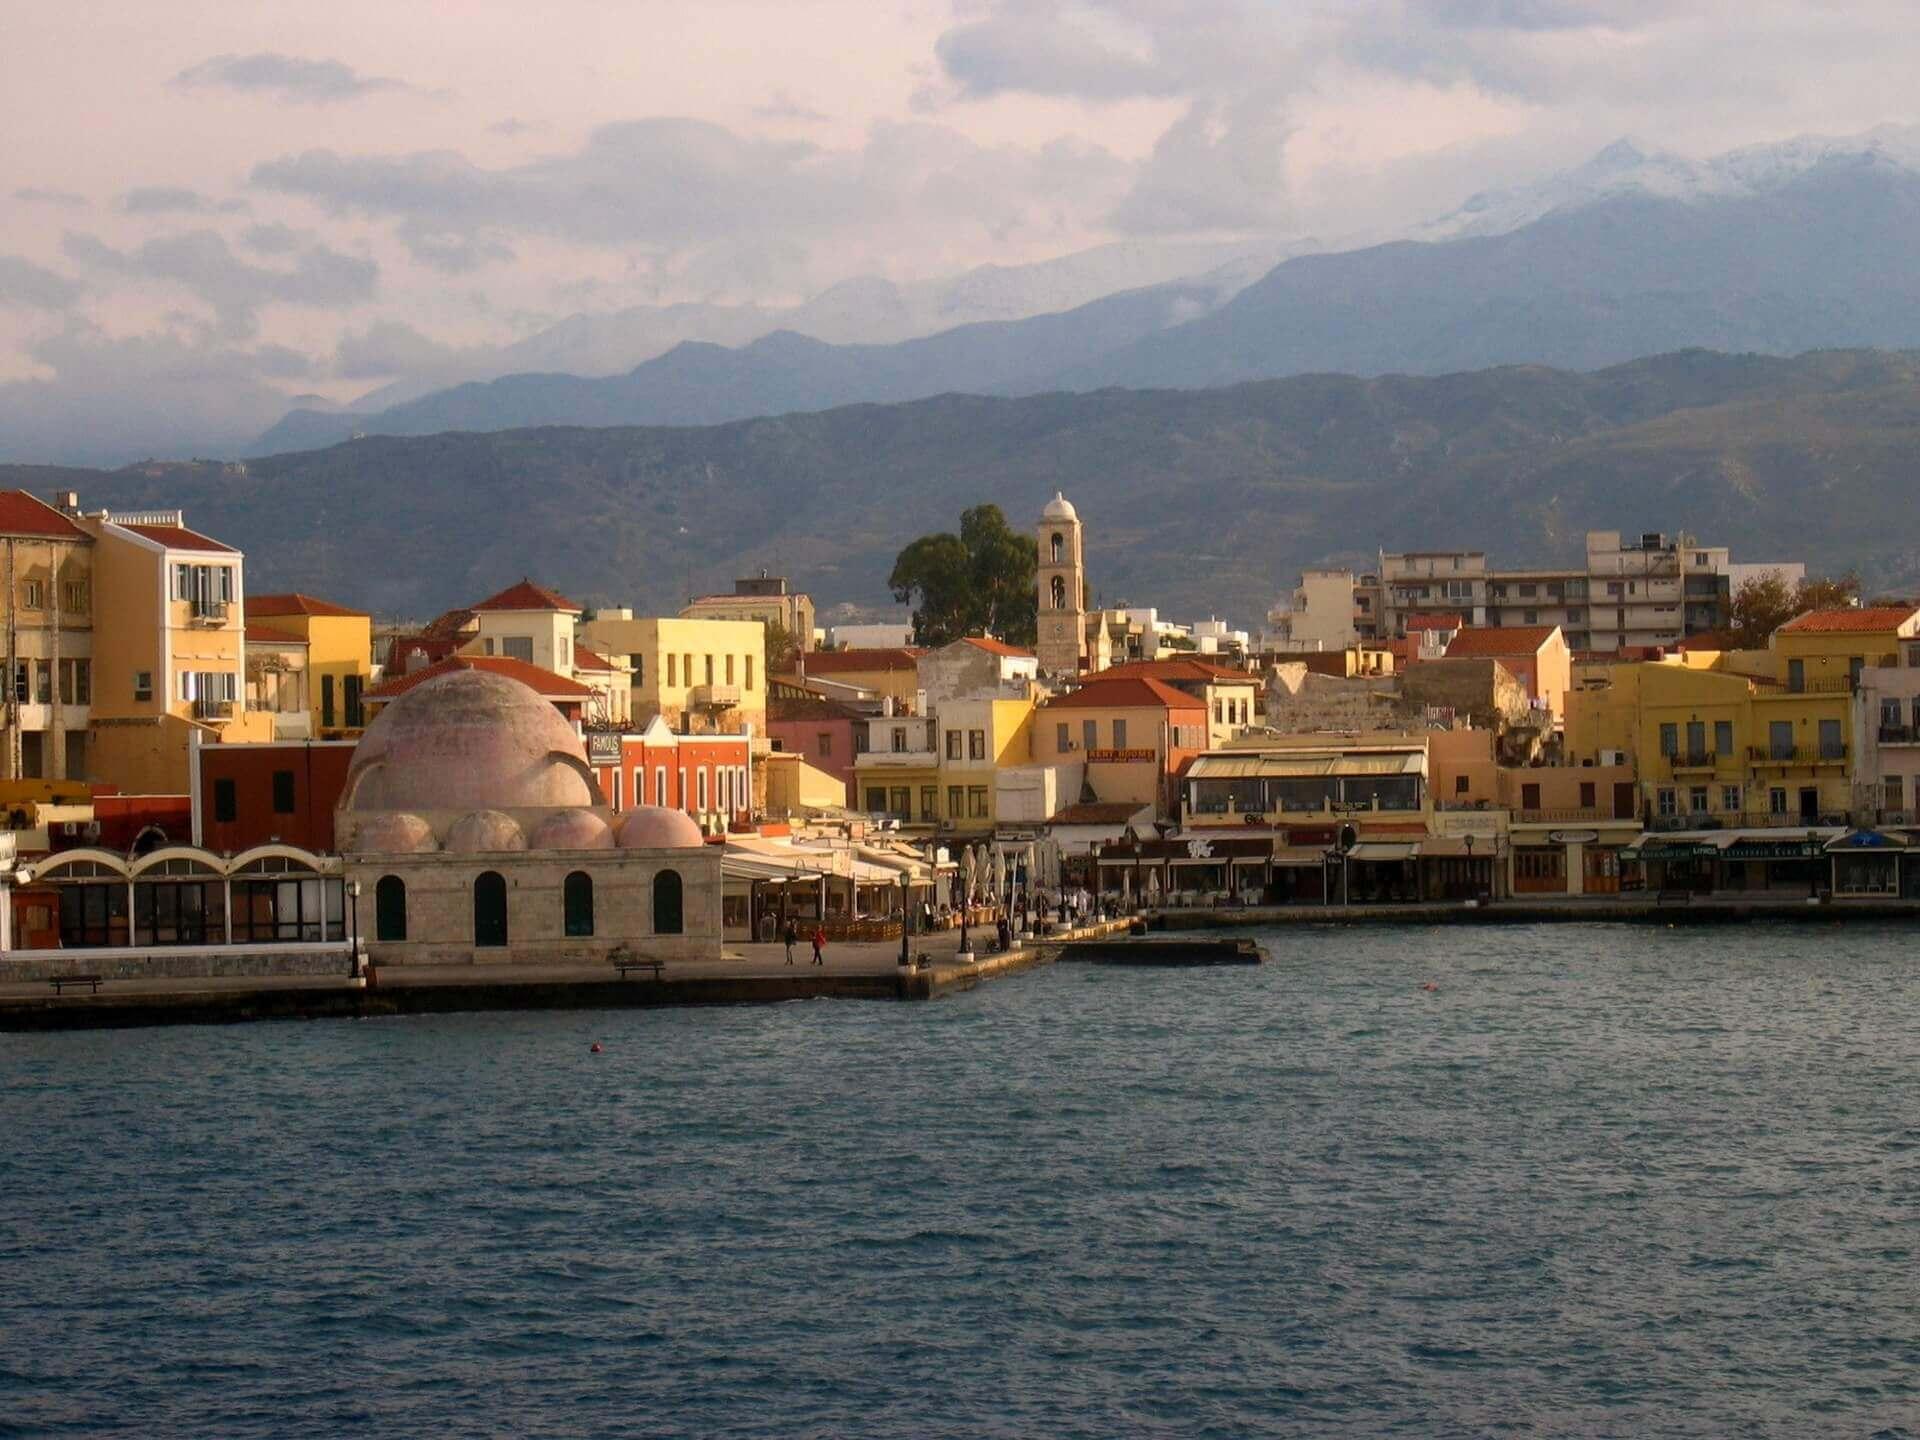 Griechenland Reisen - Kreat Ost - Radreise zu den kulturellen Höhepunkten